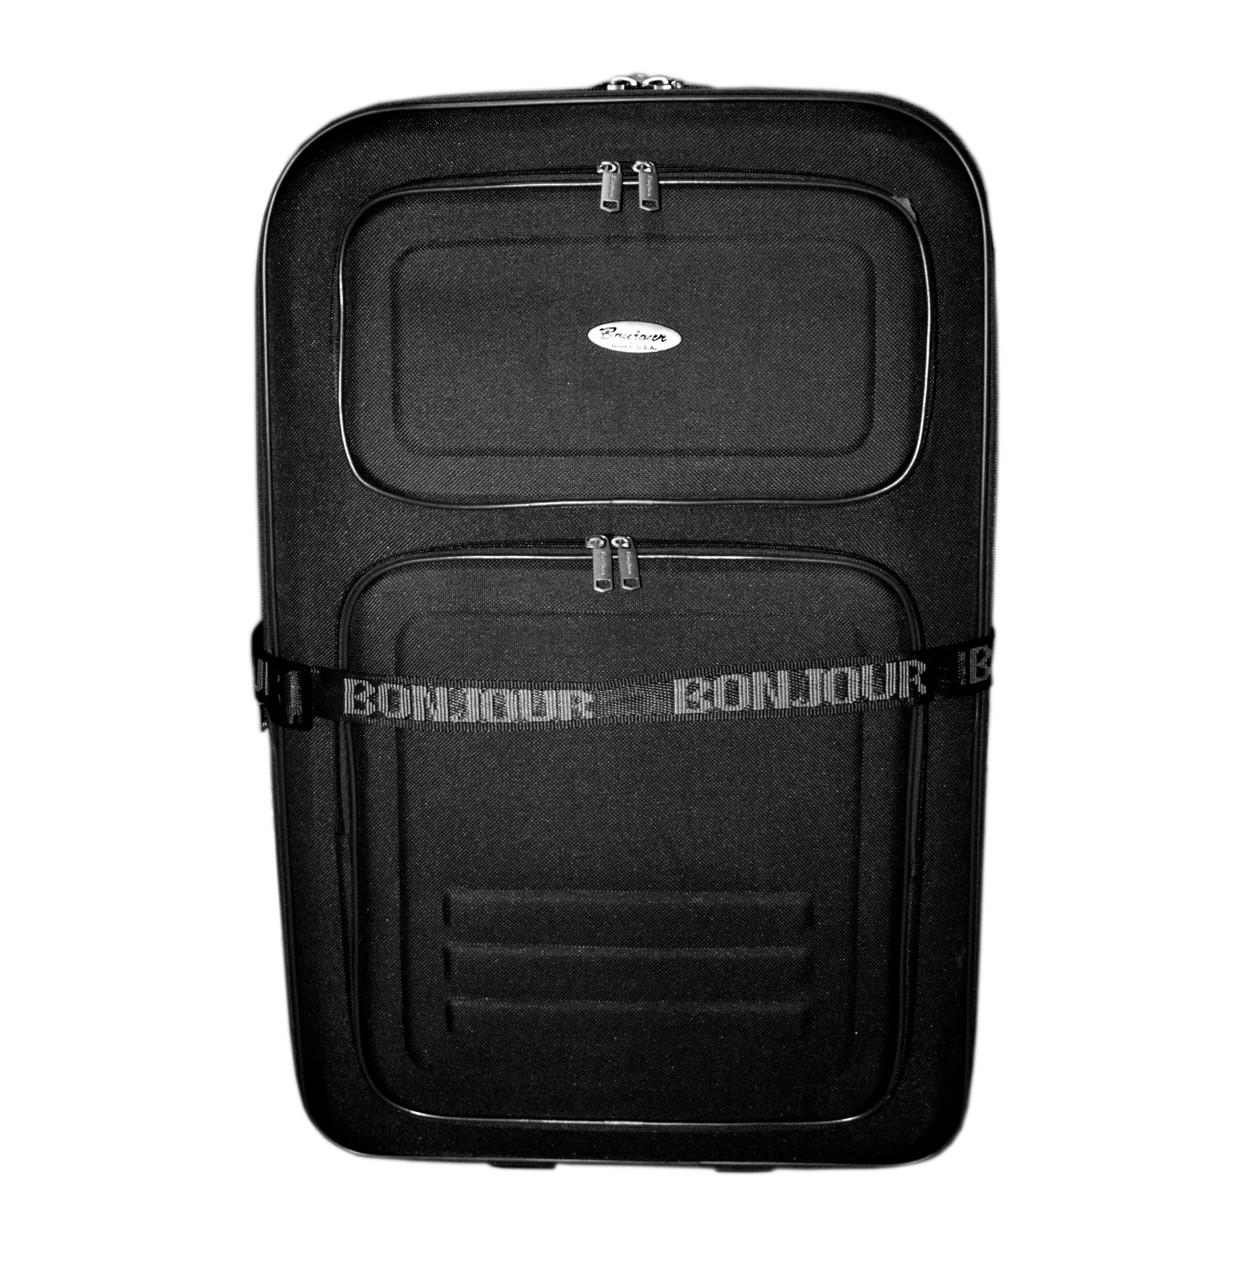 Дорожный чемодан 2 колеса (средний) черный, артикул: 12126-9380